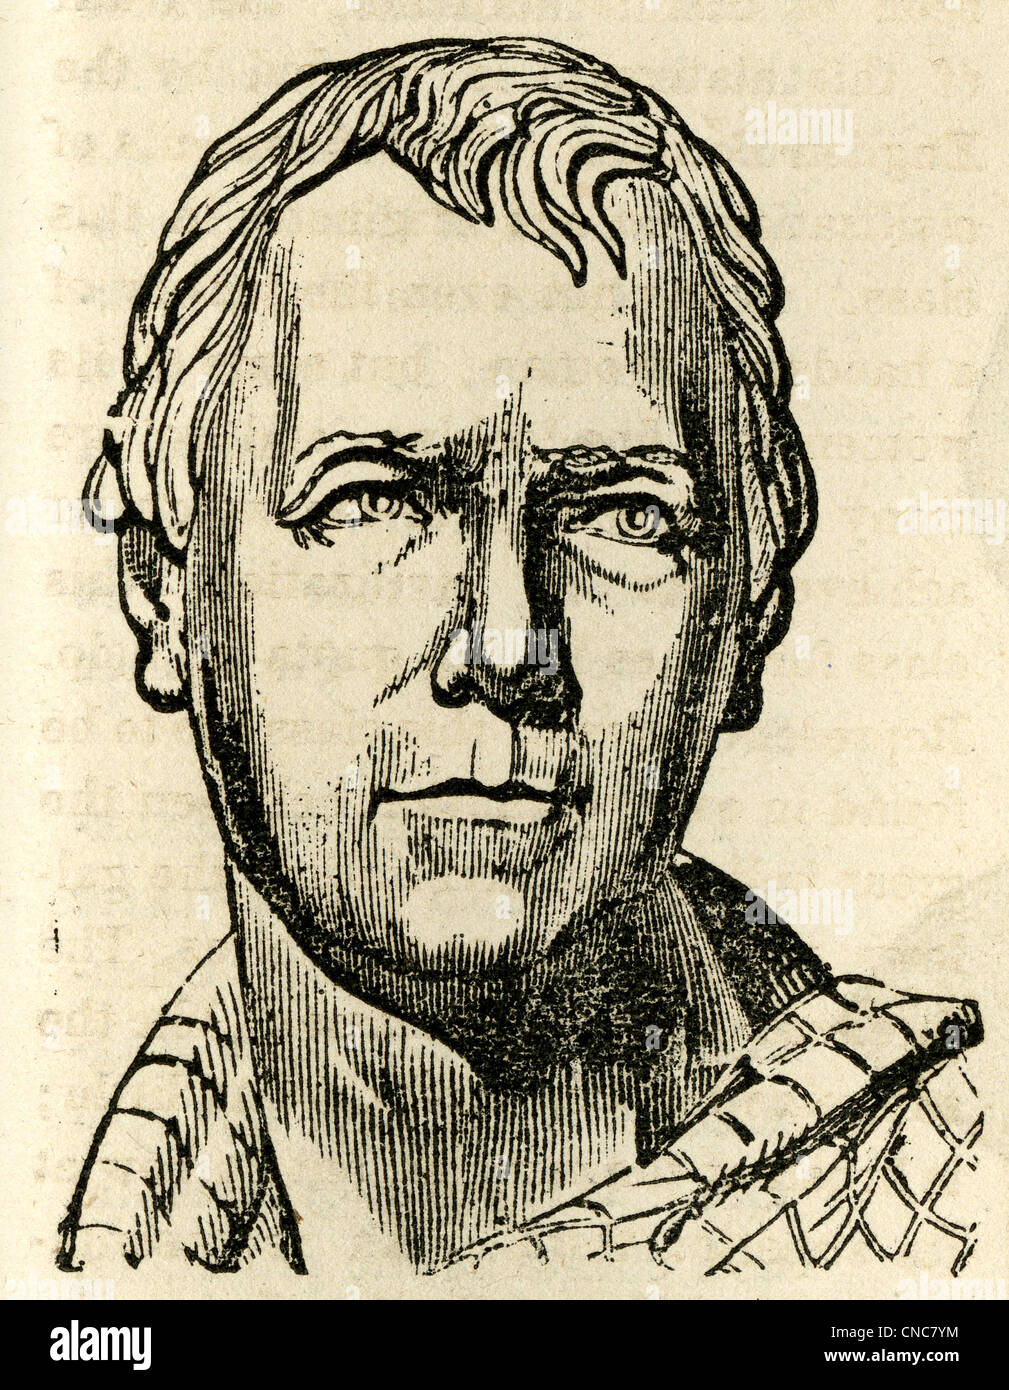 Semplice 1871 xilografia incisione di Sir Walter Scott. Immagini Stock